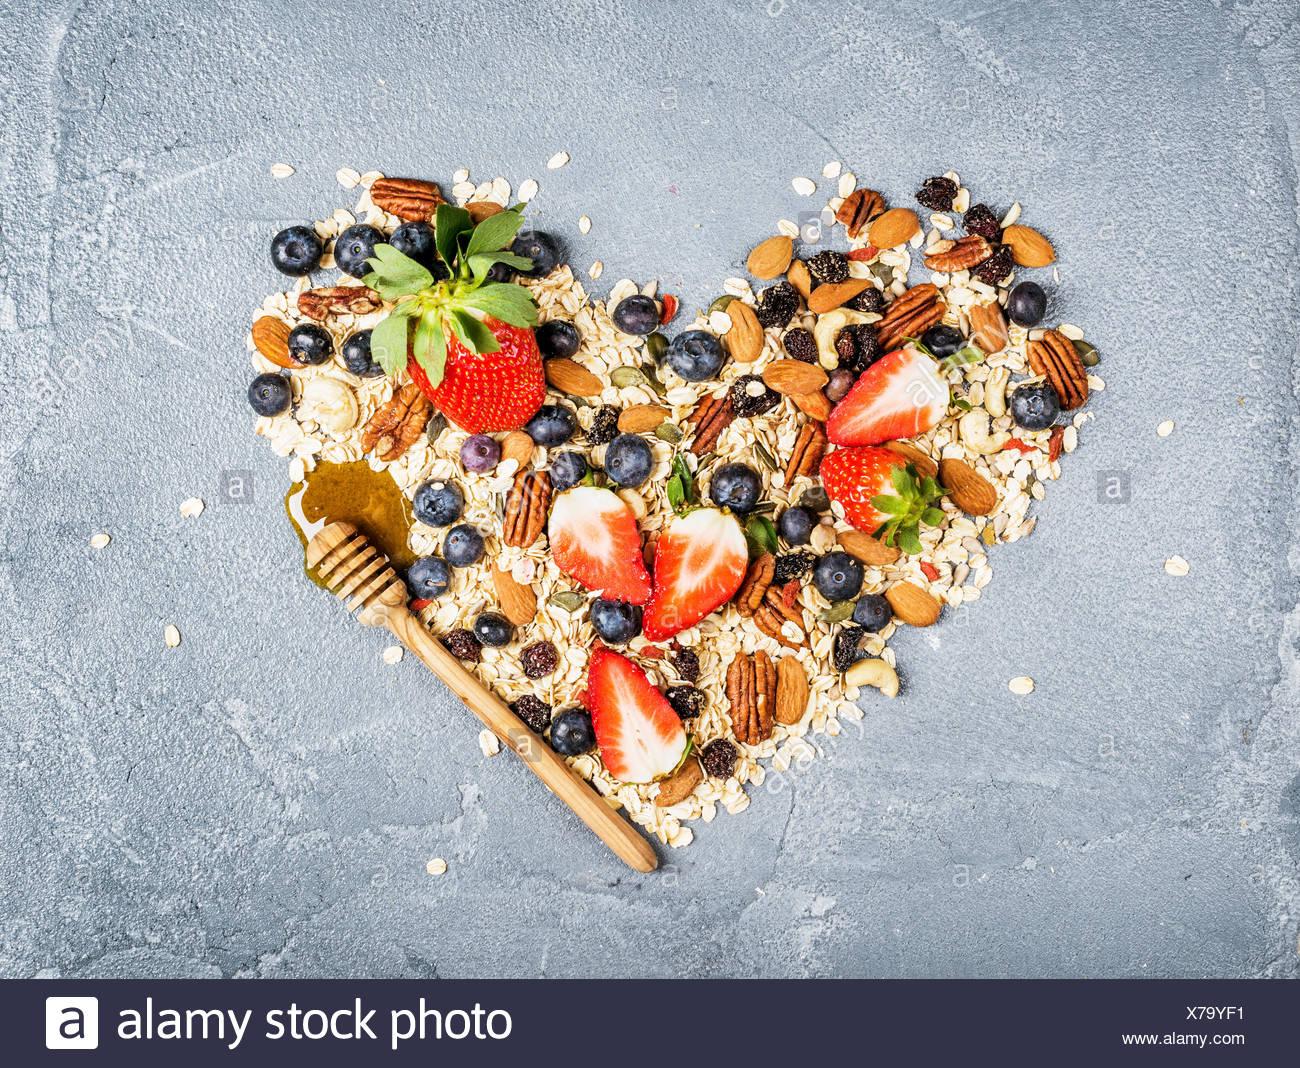 Ingredienti per la cottura sana colazione muesli in forma di cuore. Le fragole mirtilli dadi fiocchi di avena e la frutta secca Immagini Stock